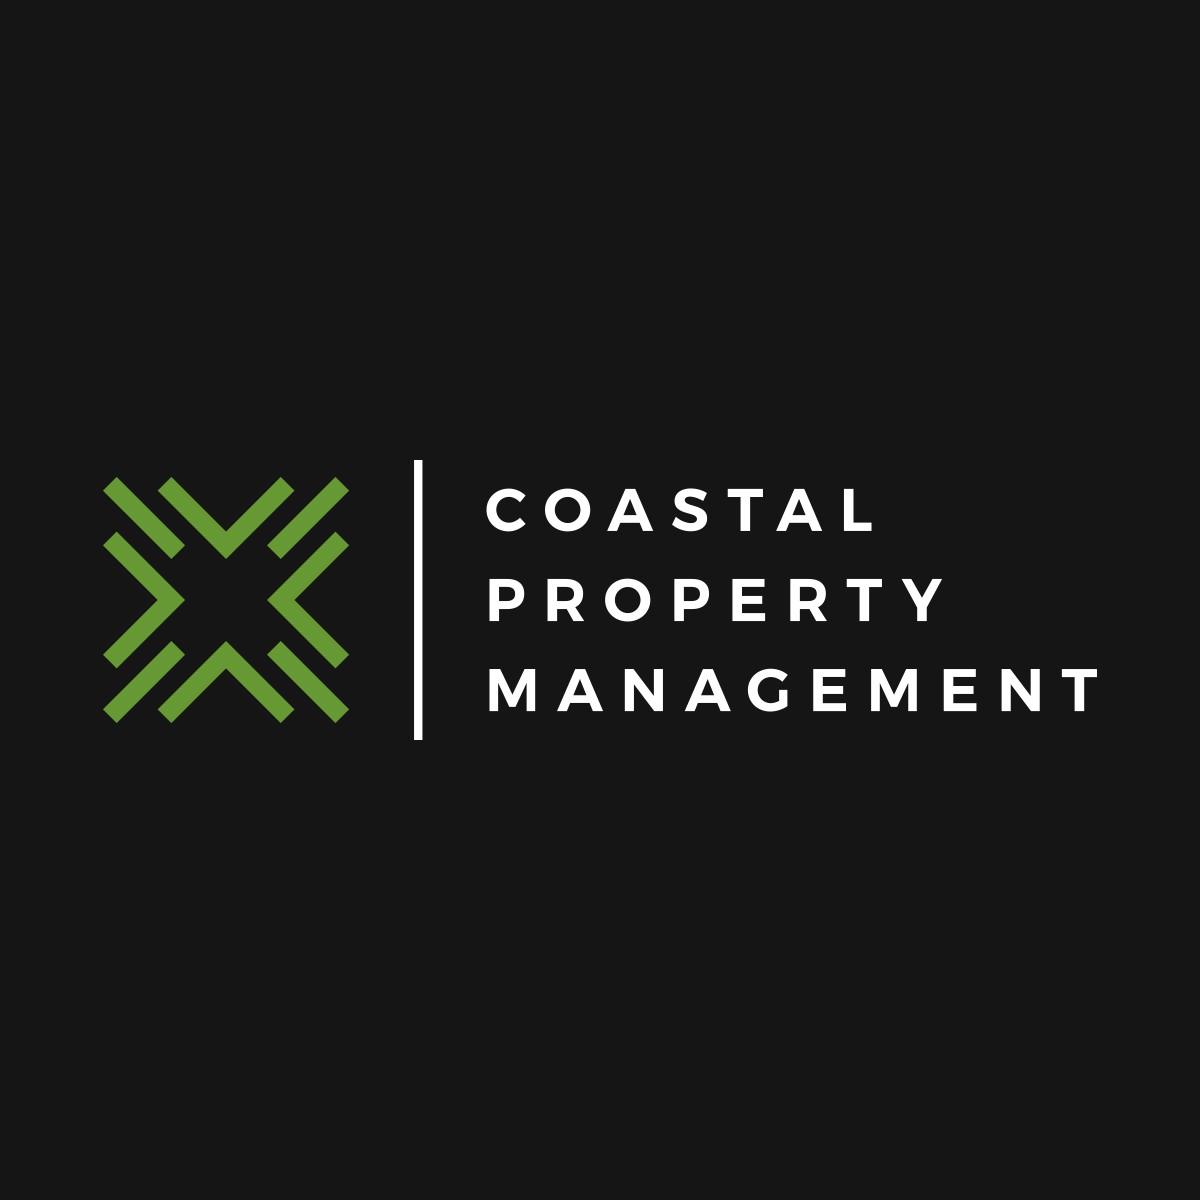 Property management company needs fresh new logo